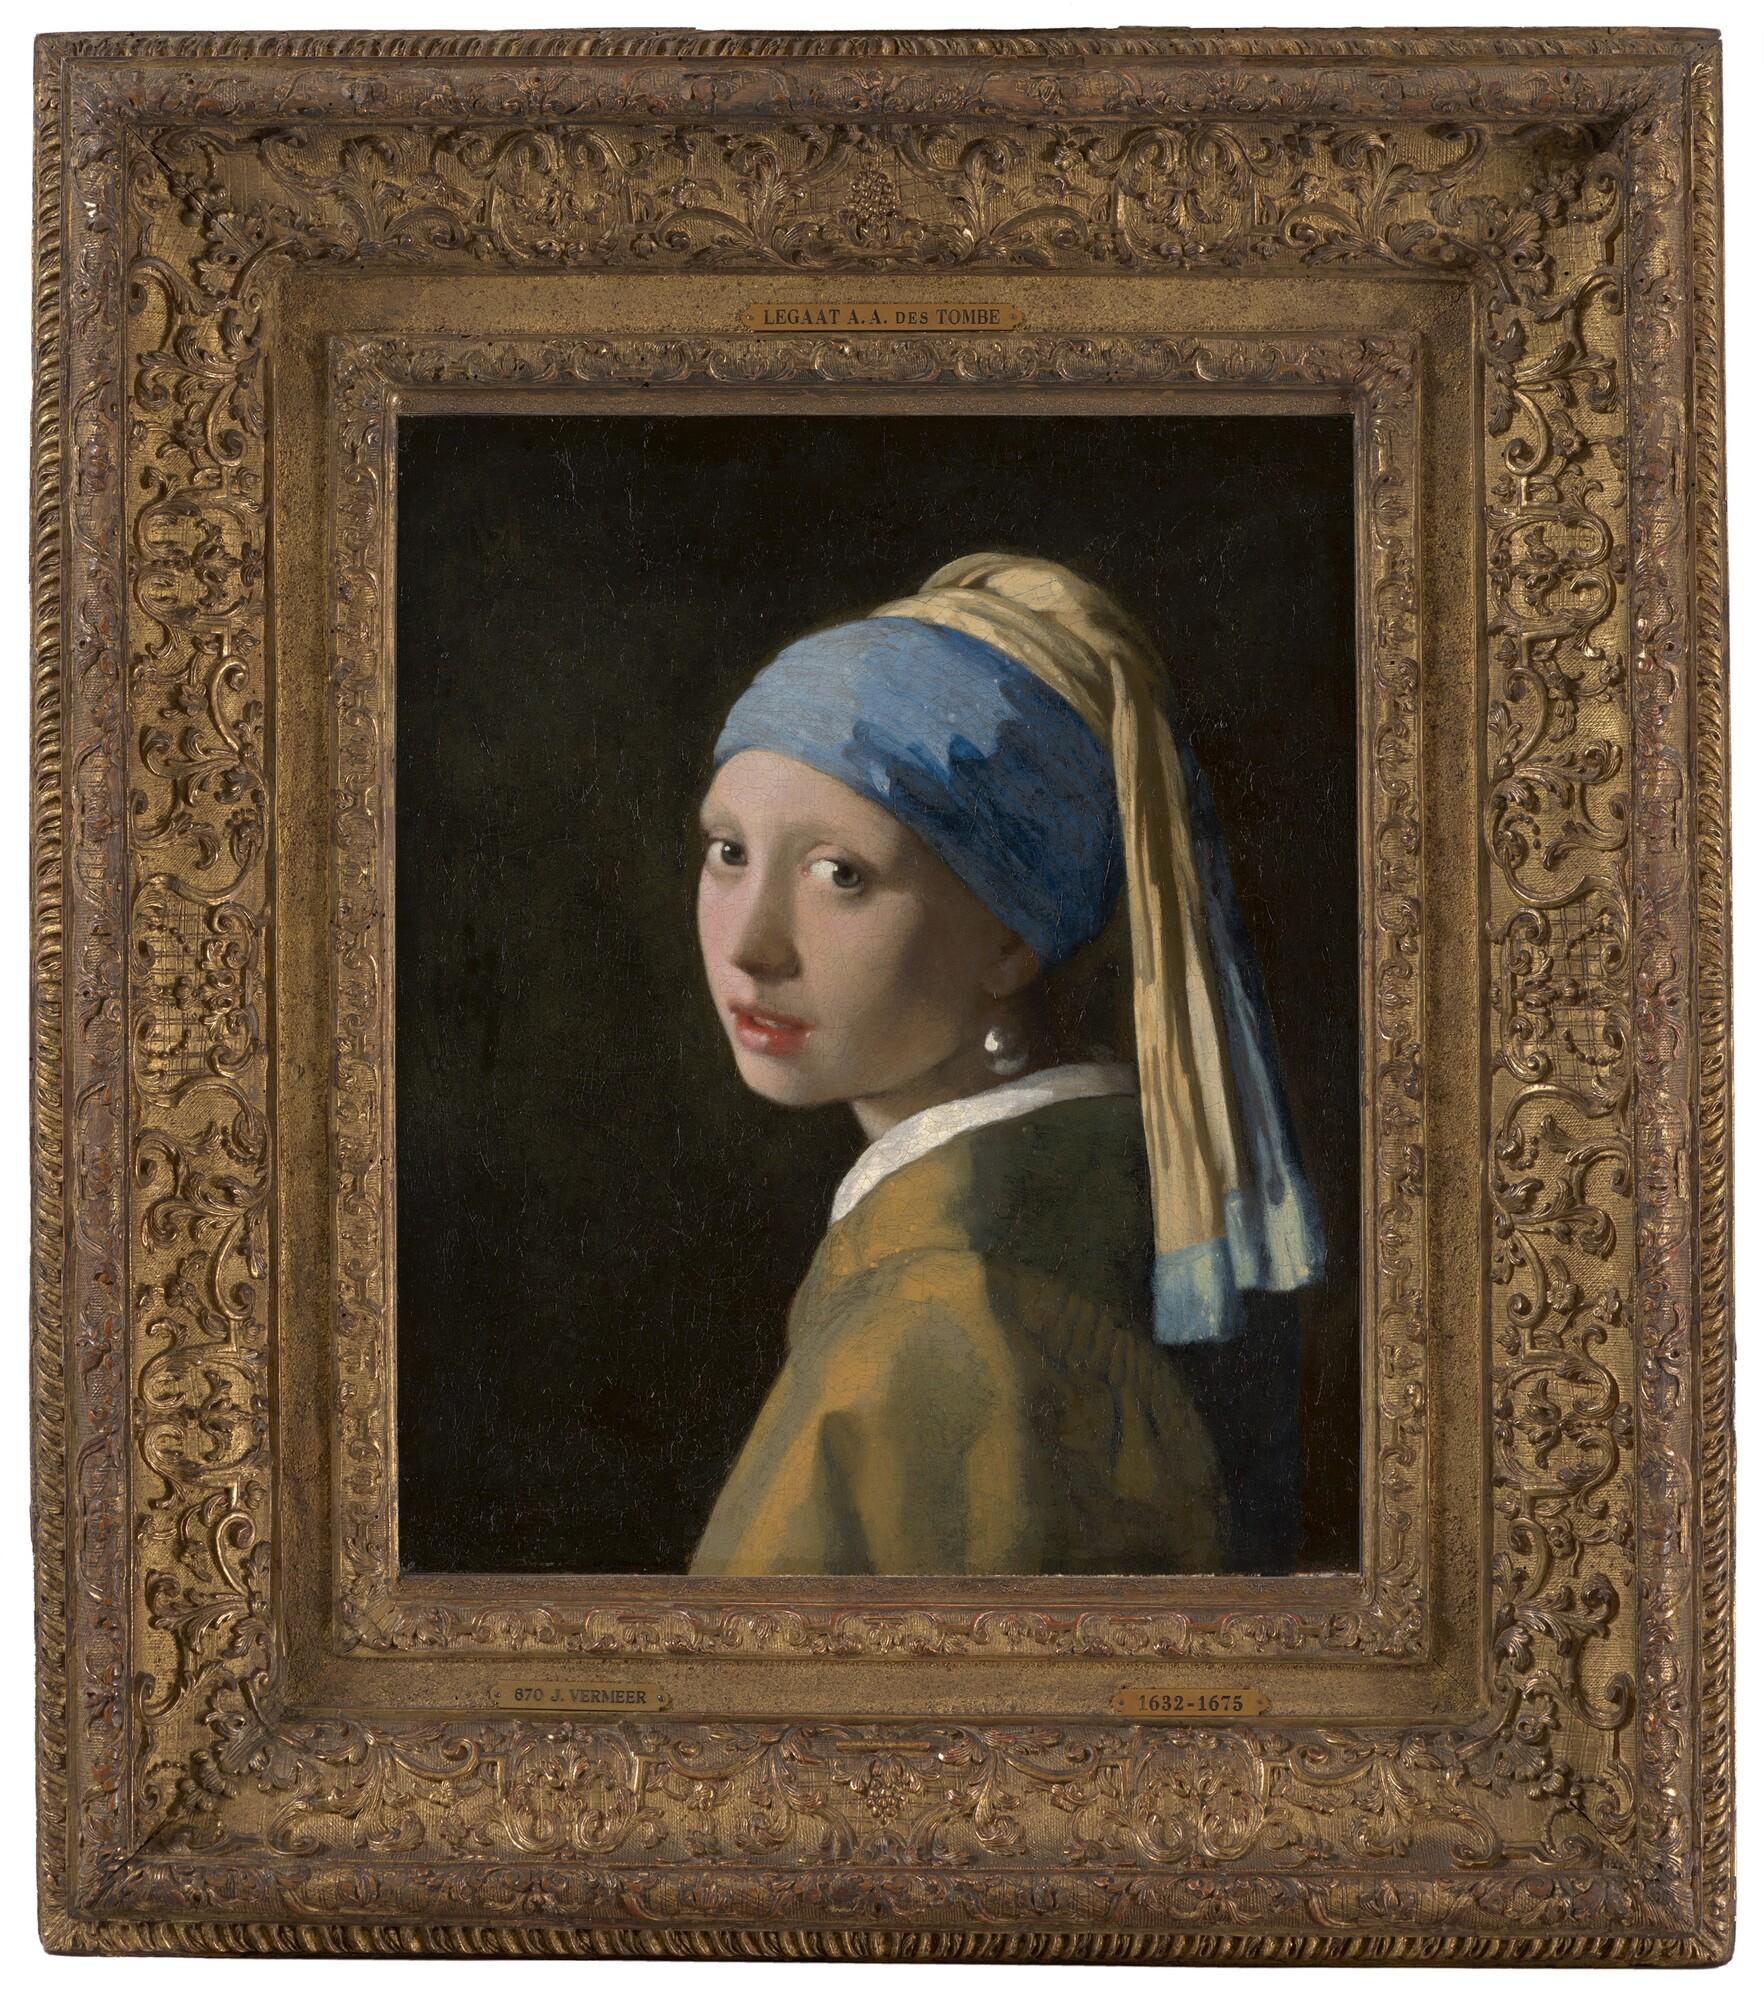 Das MädchenmitdemPerlenohrring-Johannes Vermeer,um1665